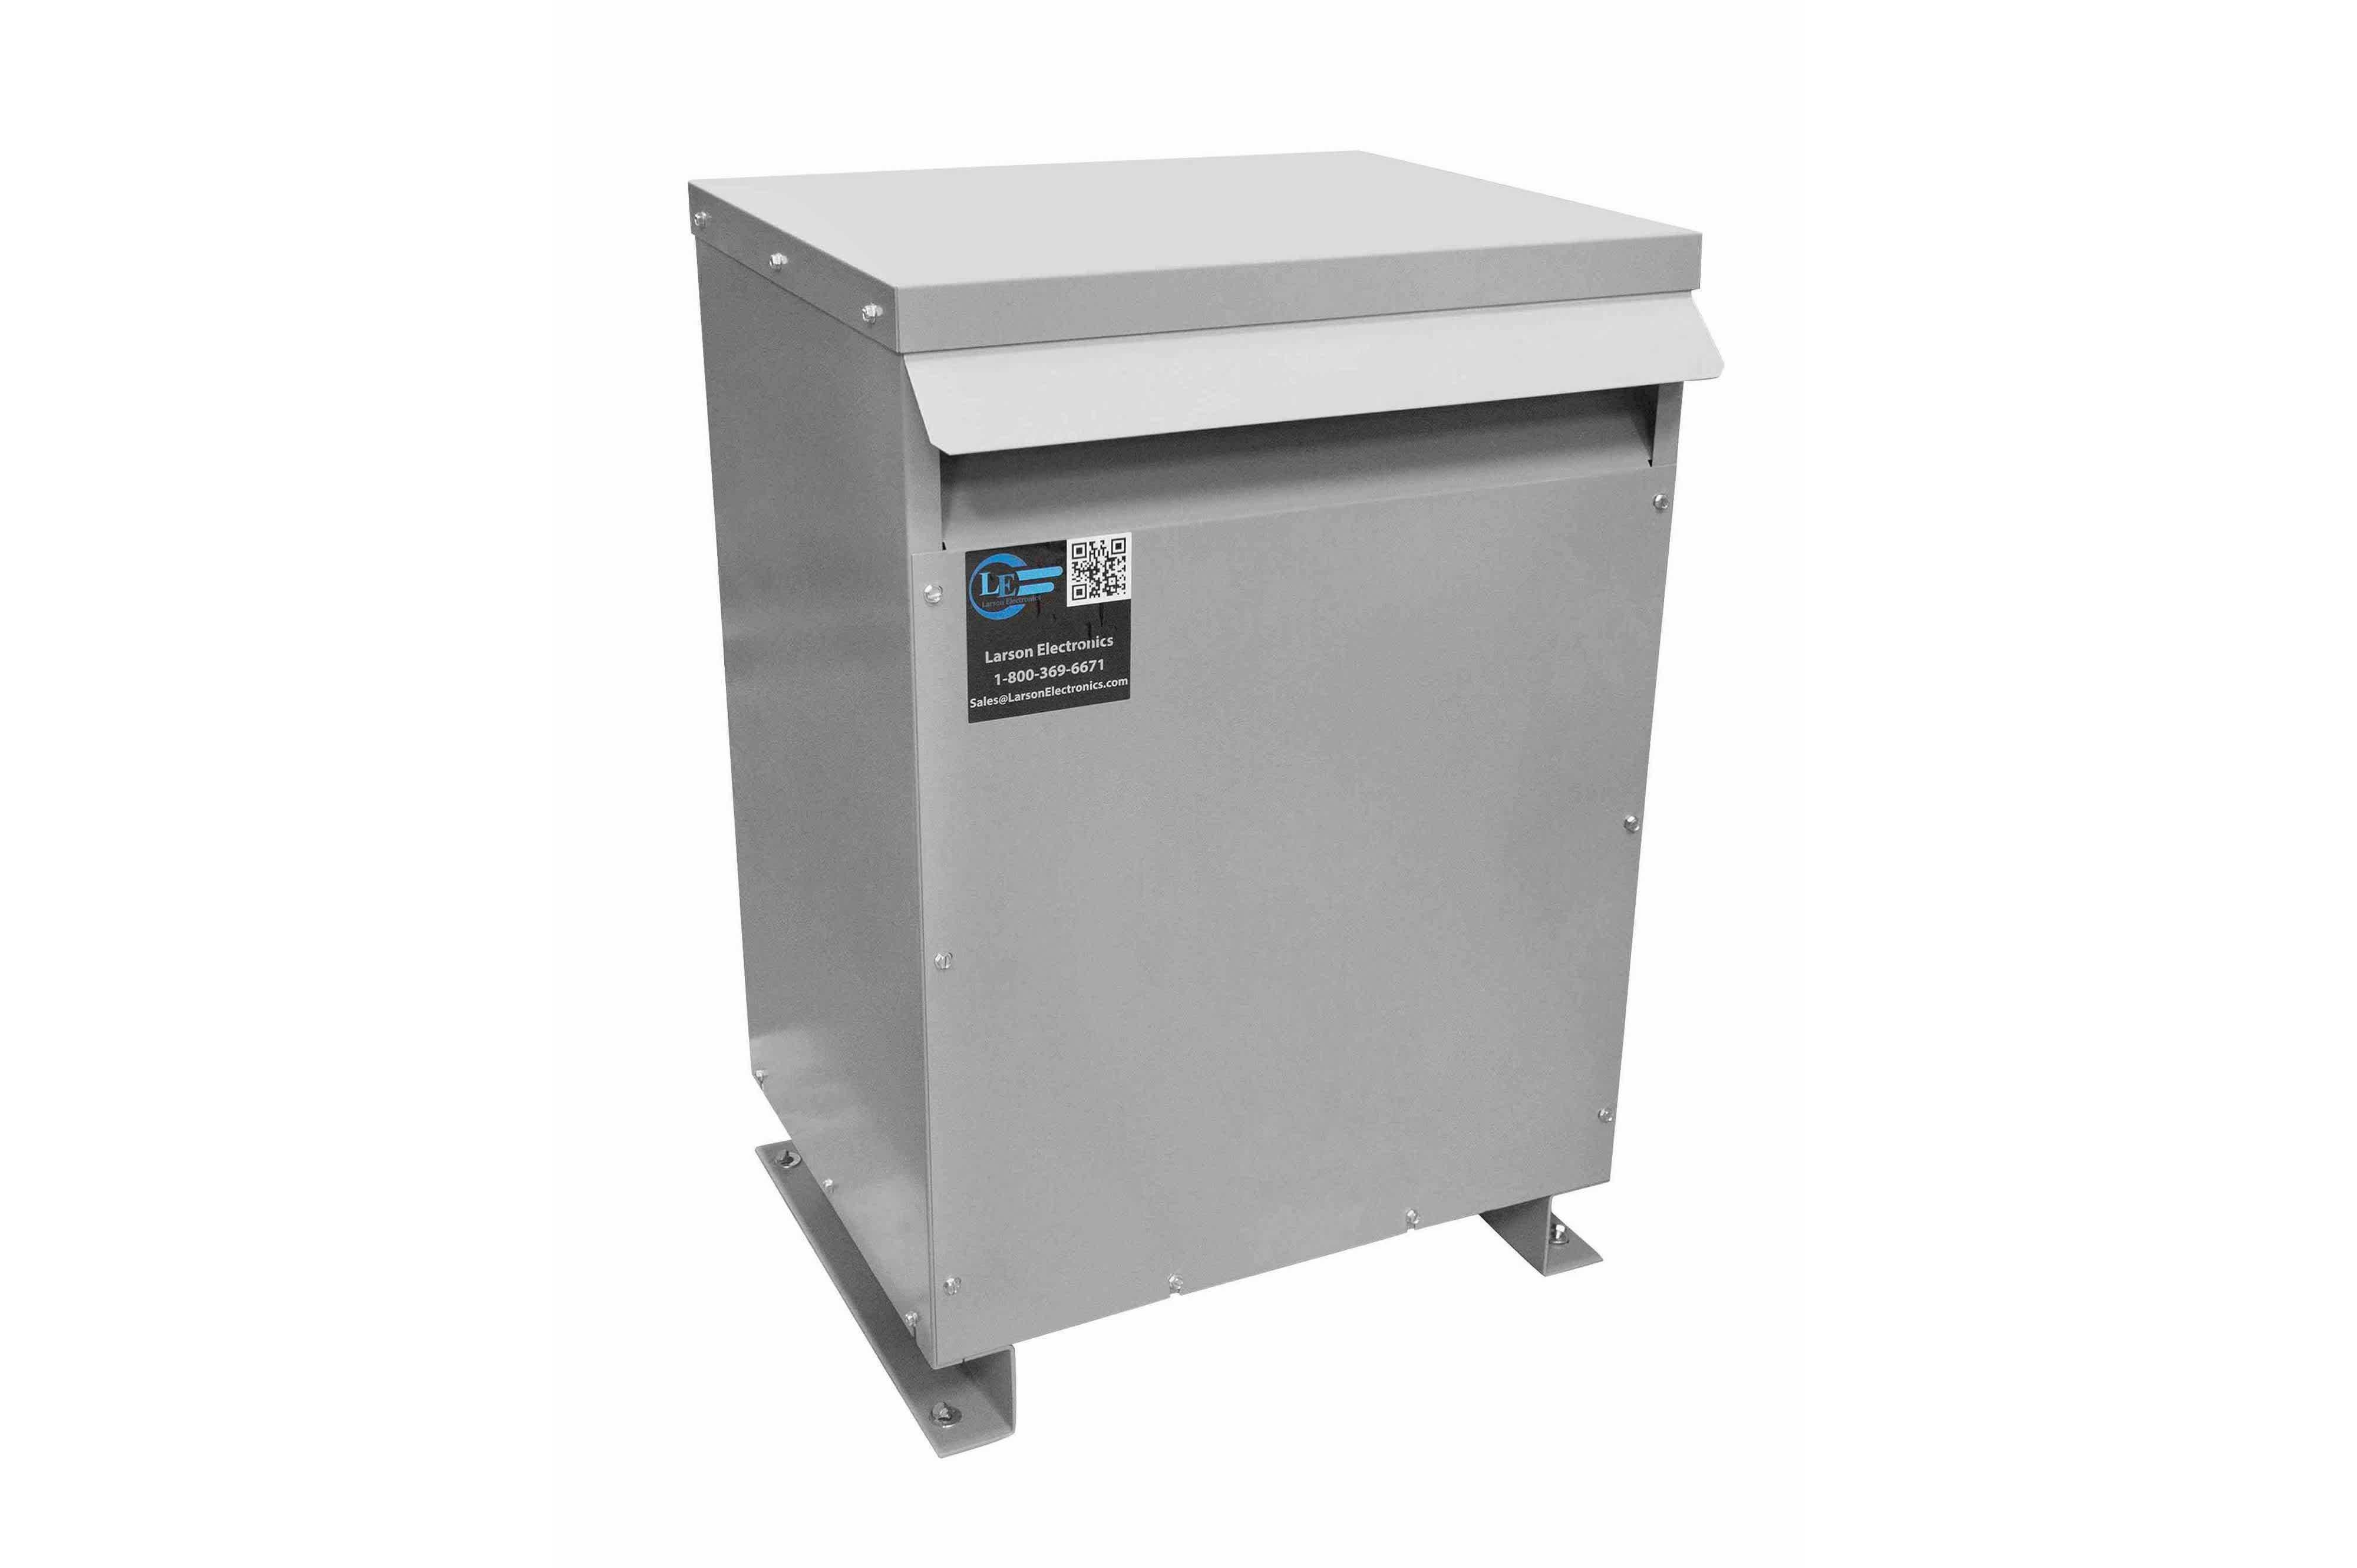 100 kVA 3PH Isolation Transformer, 460V Delta Primary, 208V Delta Secondary, N3R, Ventilated, 60 Hz